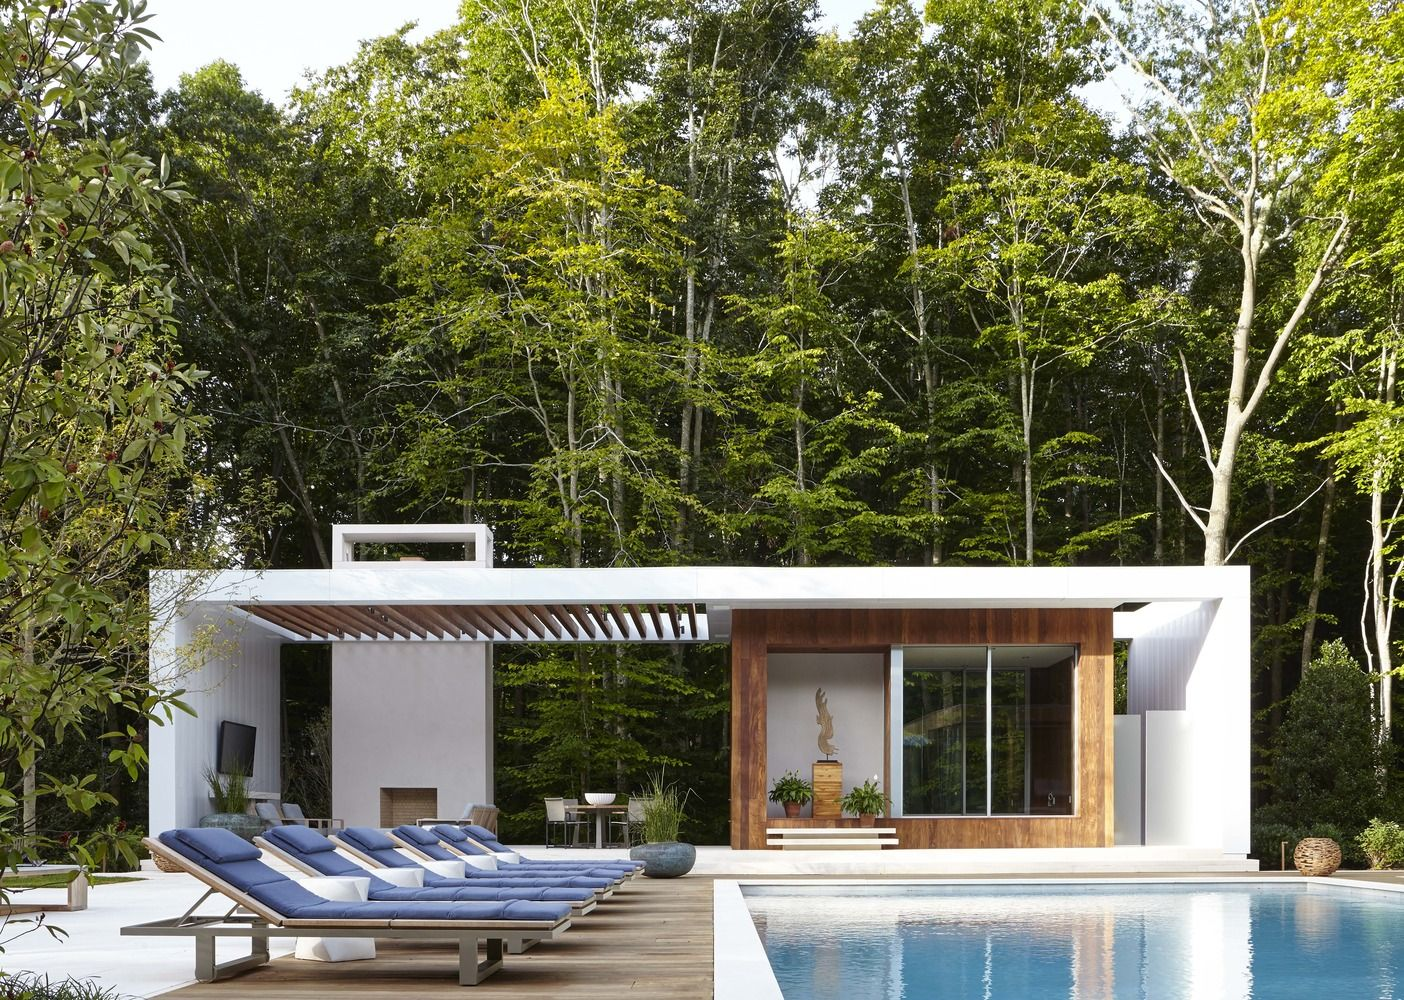 Gallery Of Old Orchard Blaze Makoid Architecture 22 Piscinas Modernas Diseño Casas Pequeñas Quincho Y Pileta